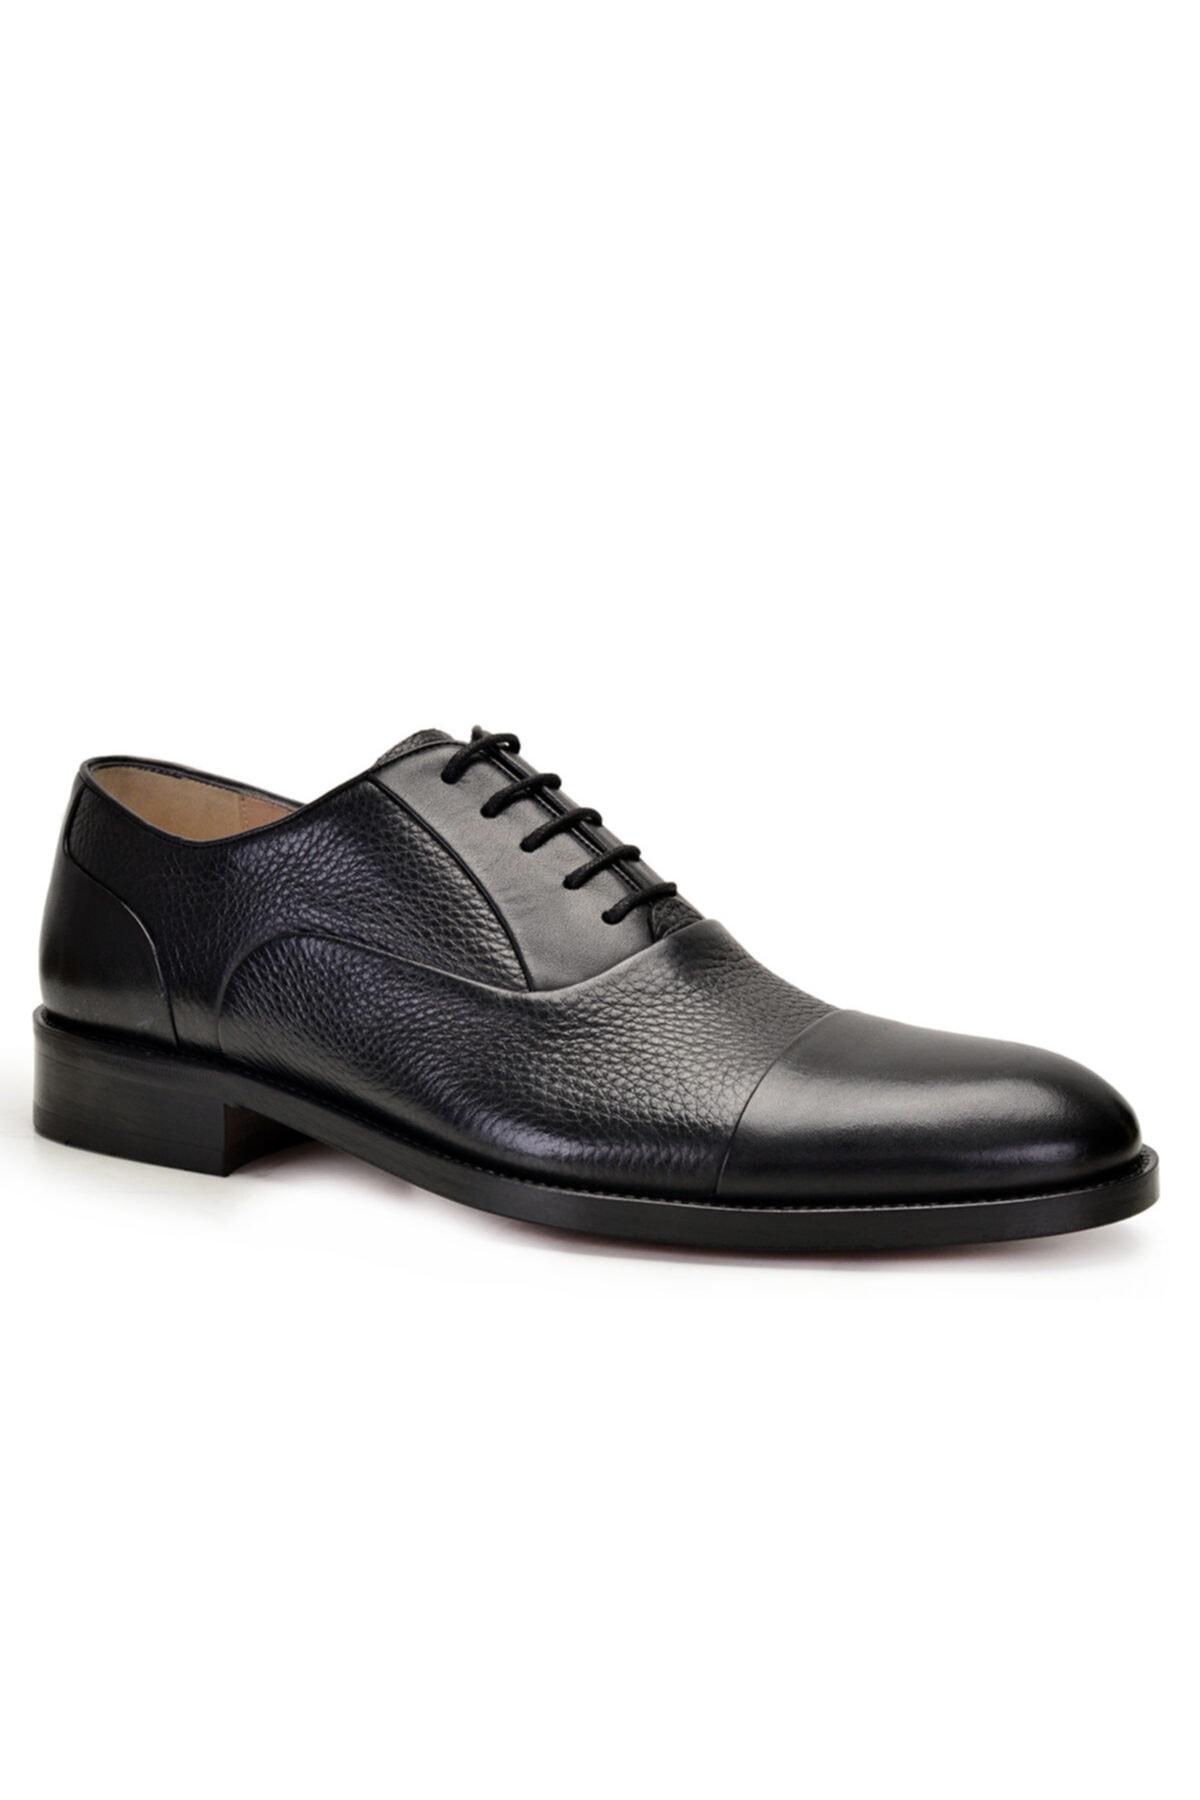 Nevzat Onay Erkek Siyah Hakiki Deri Klasik Bağcıklı Kösele Ayakkabı -9131- 2